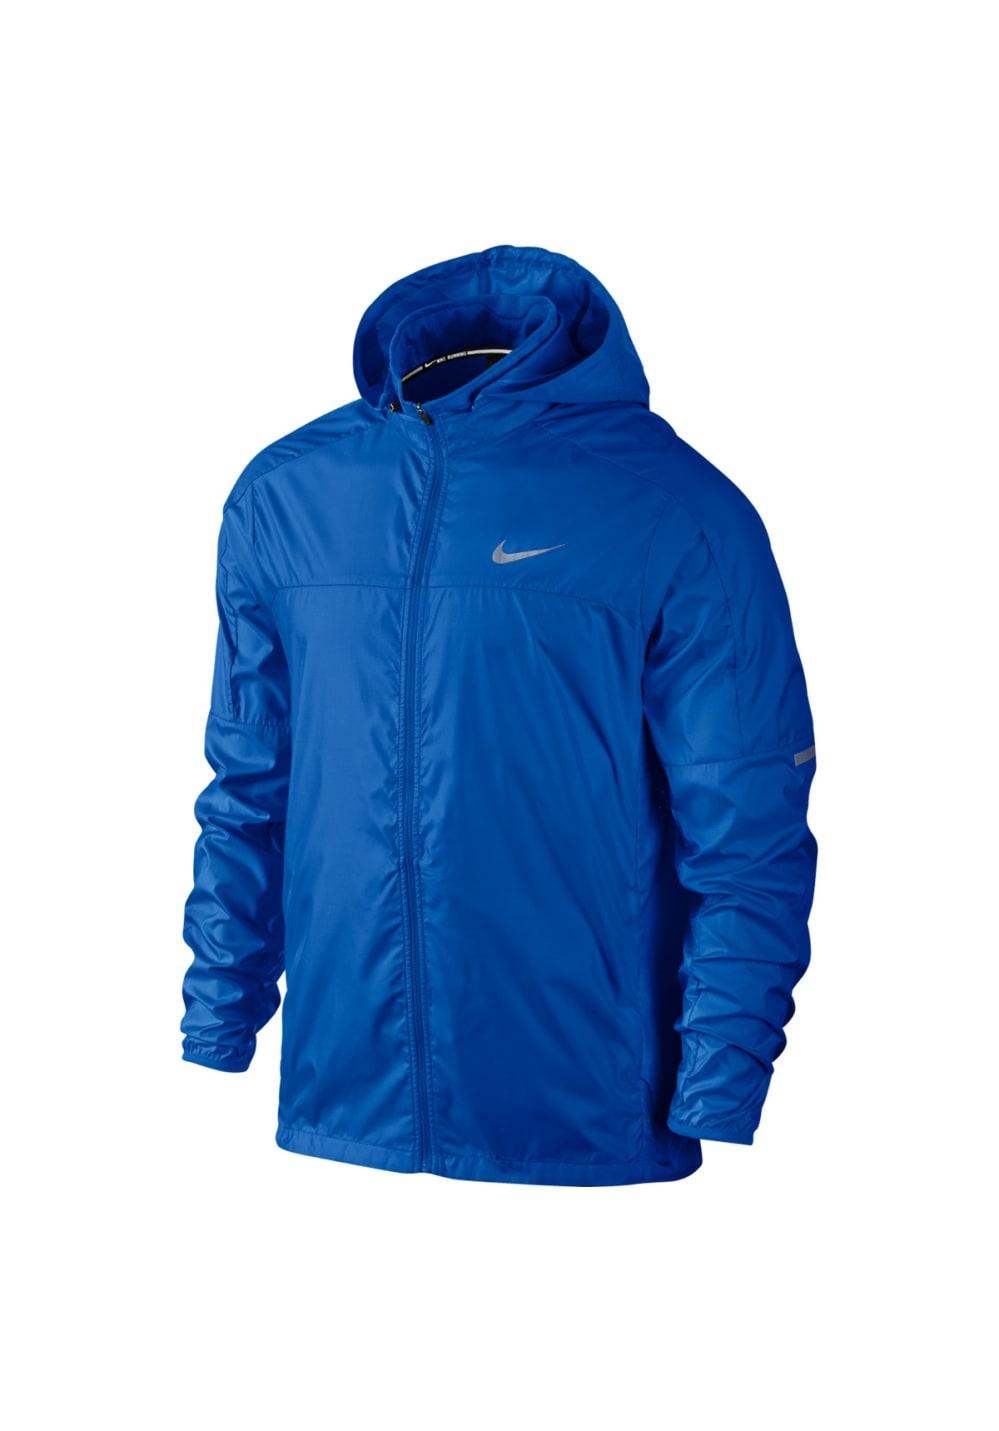 d3a6a1b02c7d6 Nike Vapor Running Jacket - Running jackets for Men - Blue | 21RUN